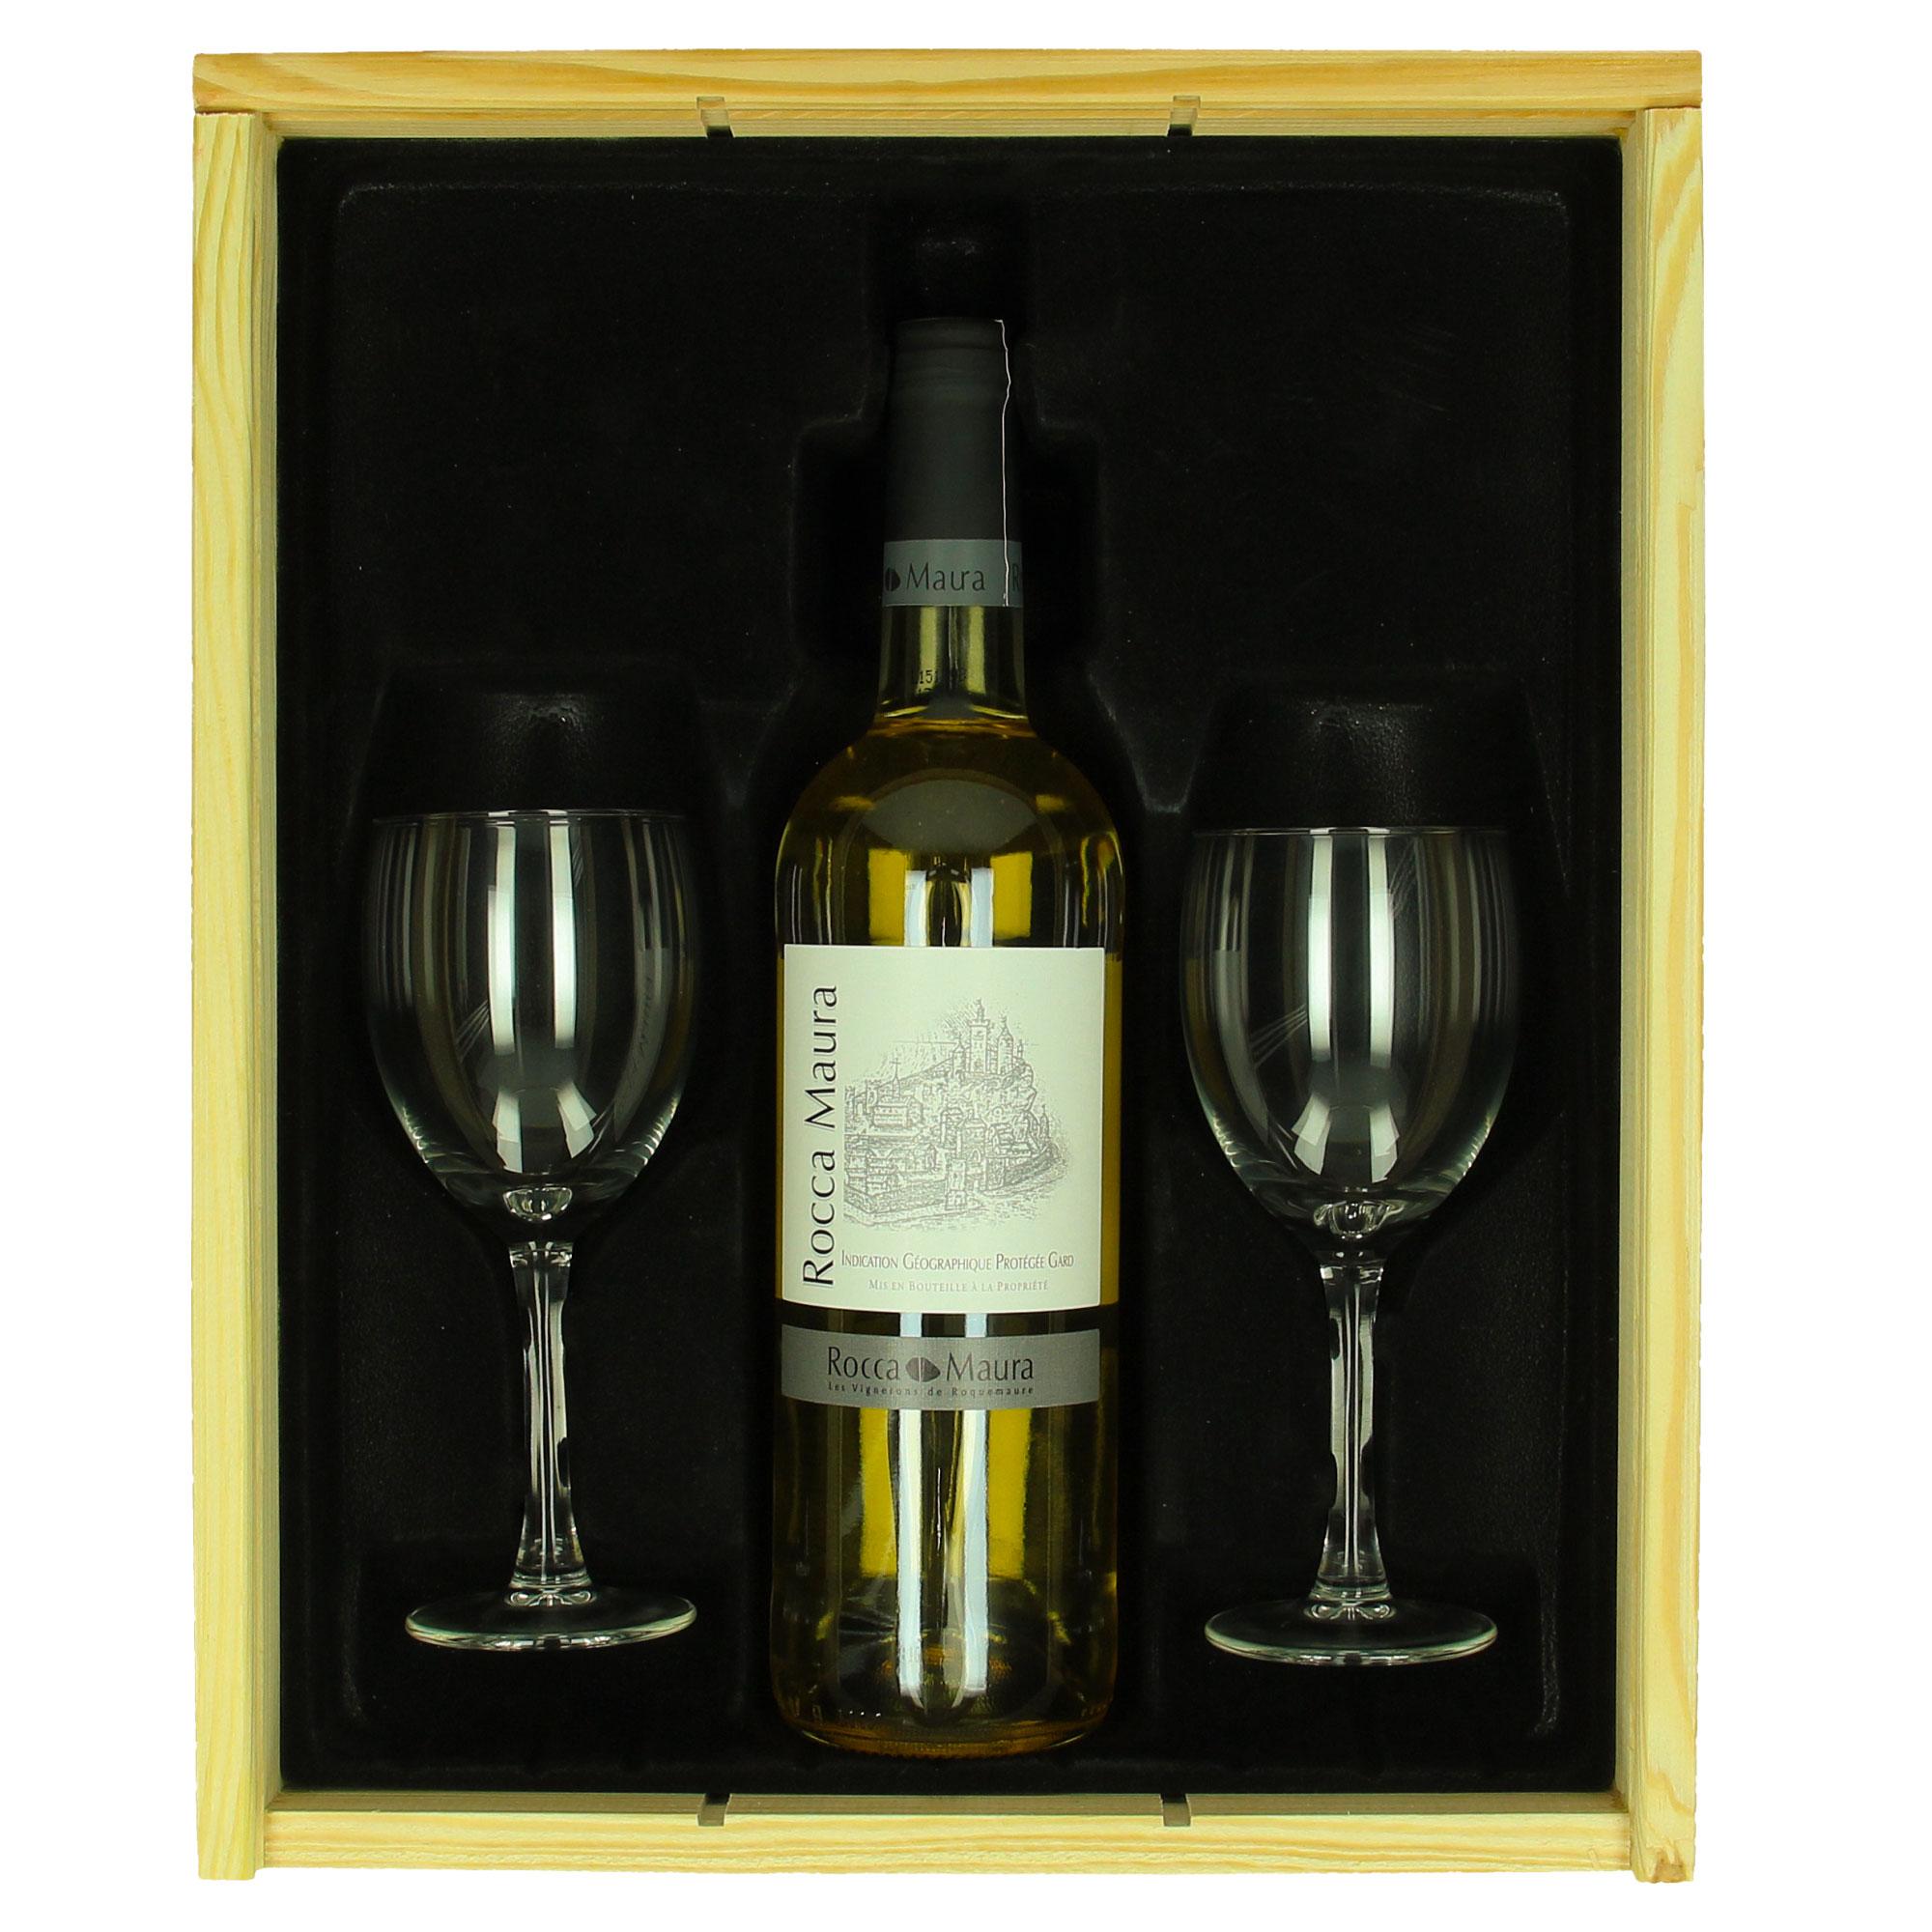 Wijnpakket Rocca Maura (wit) + gepersonaliseerde glazen